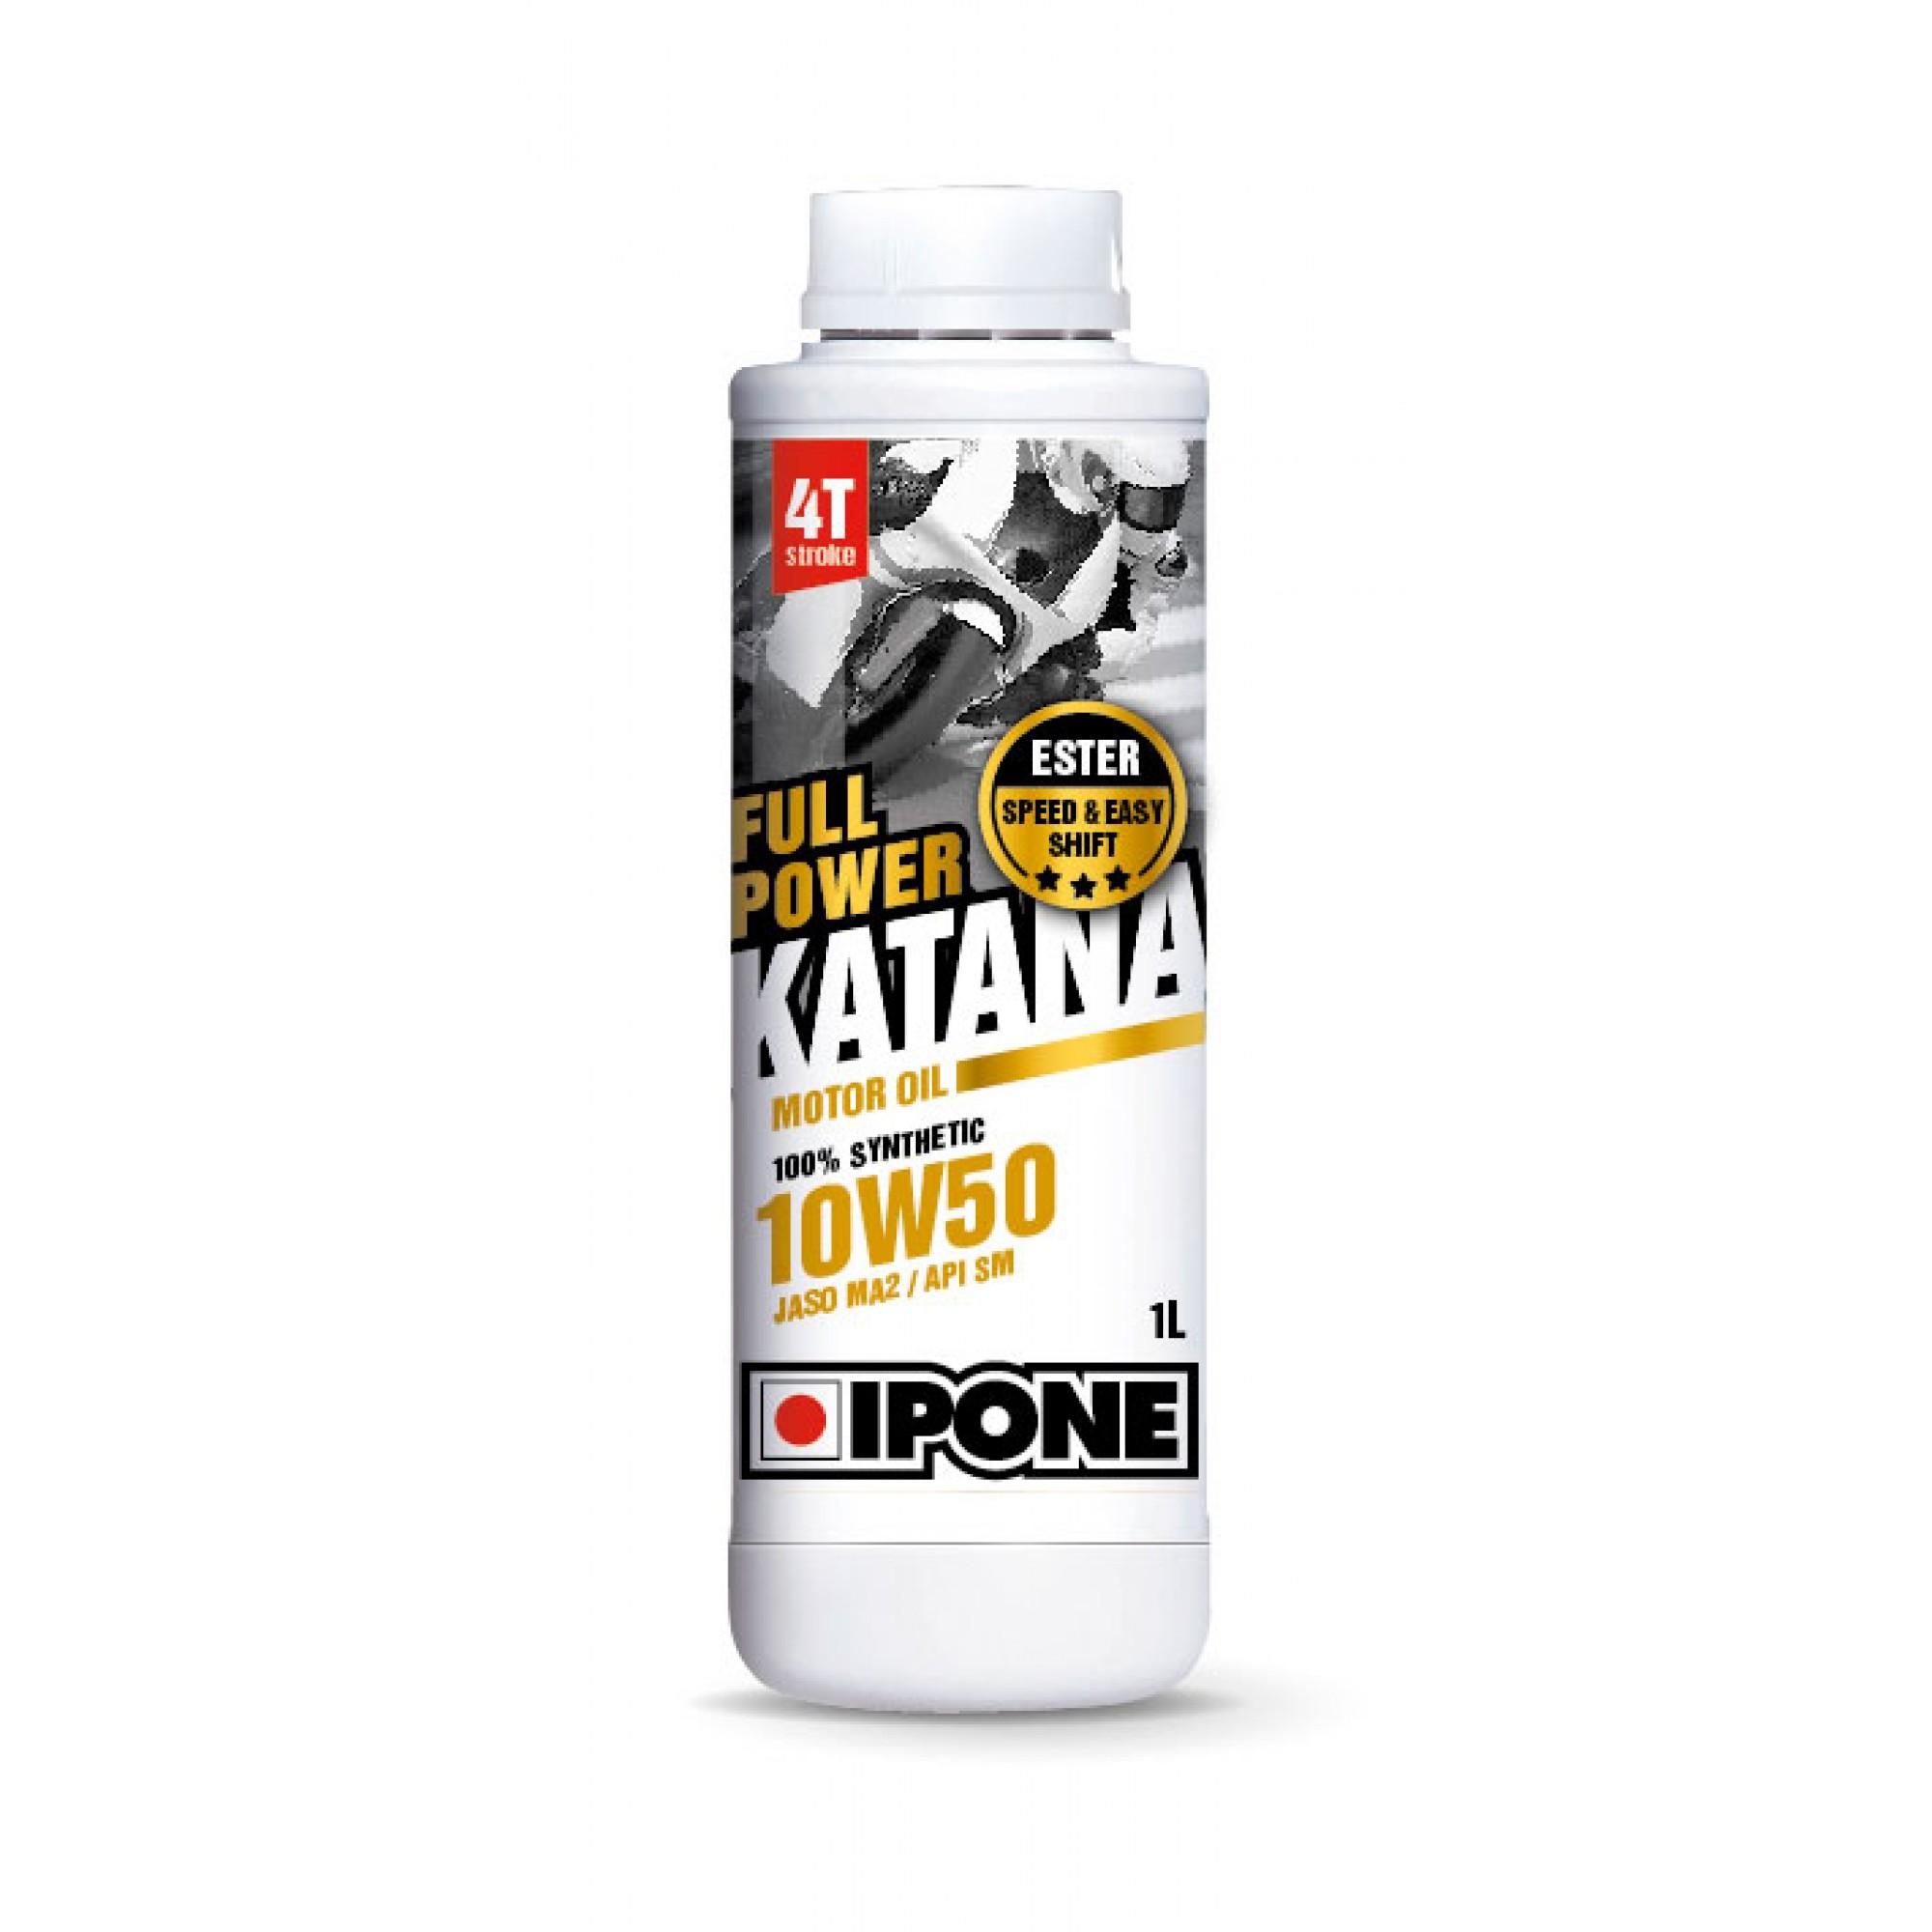 Ipone Full Power Katana 10W50